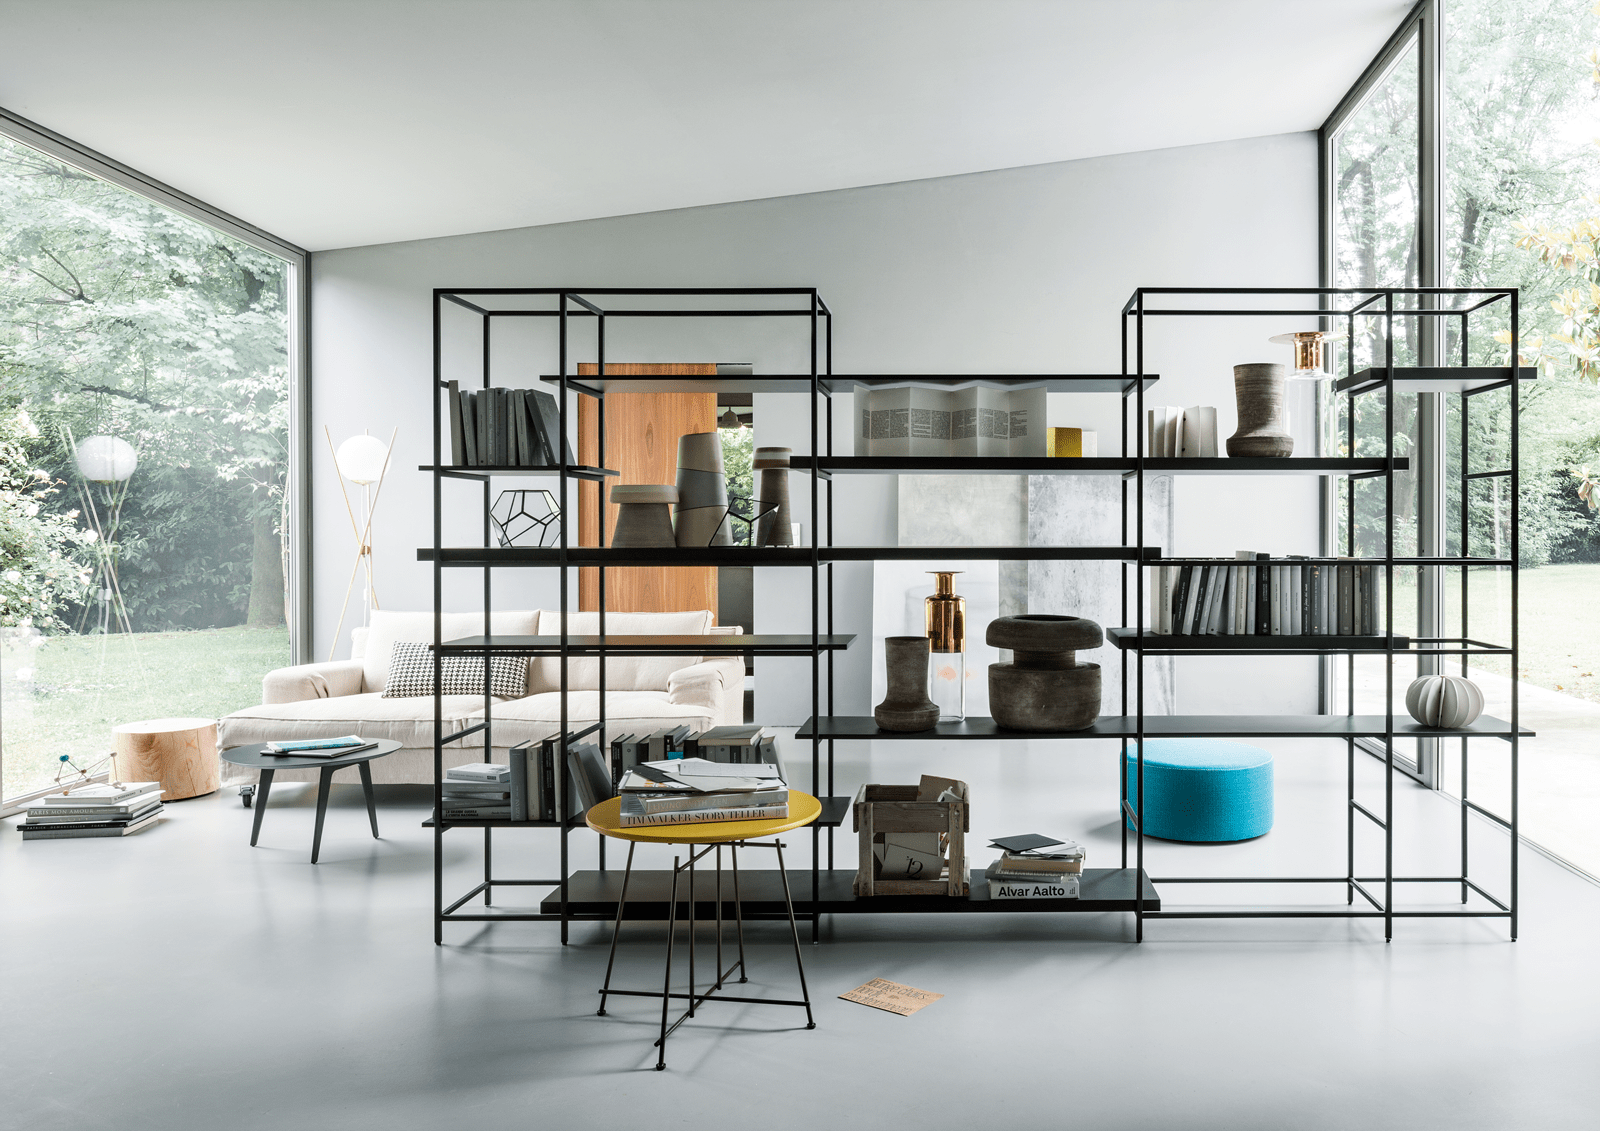 Dividere con i mobili 5 soluzioni lema cose di casa for Ad giornale di arredamento